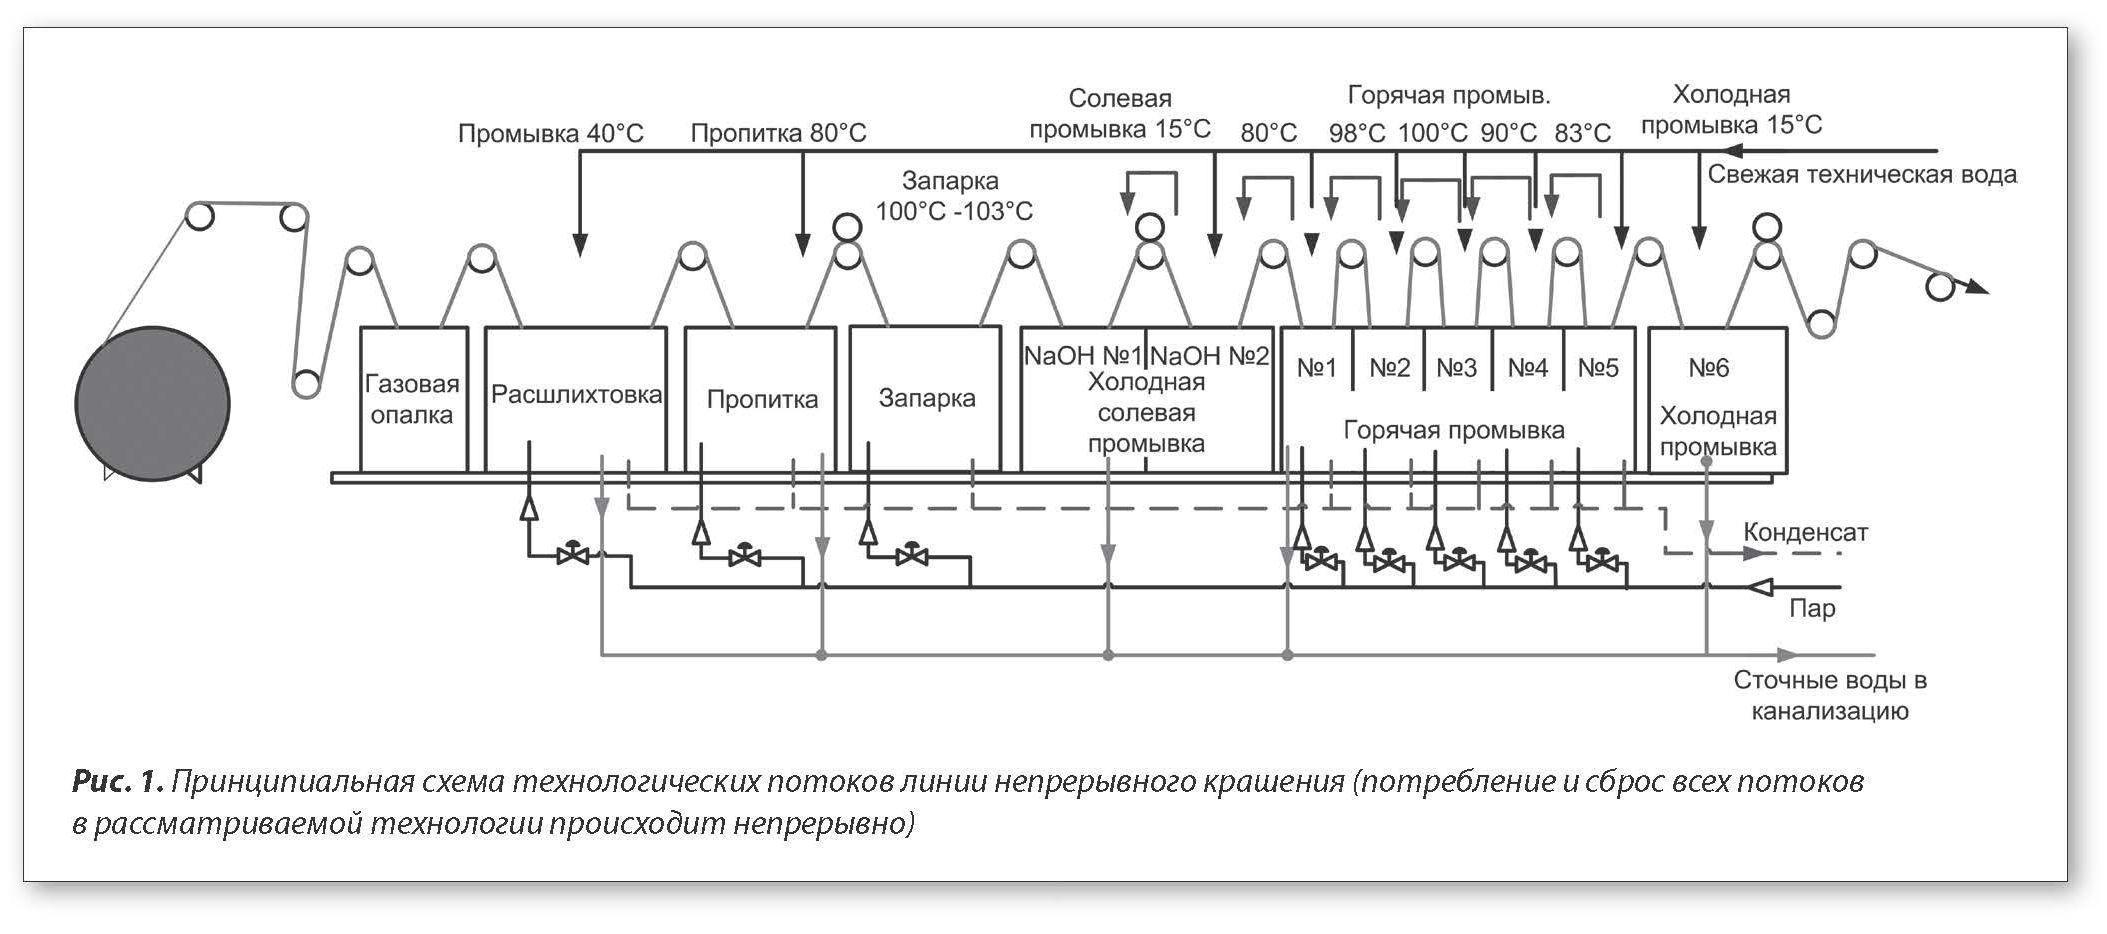 Крашение тканей схема производства